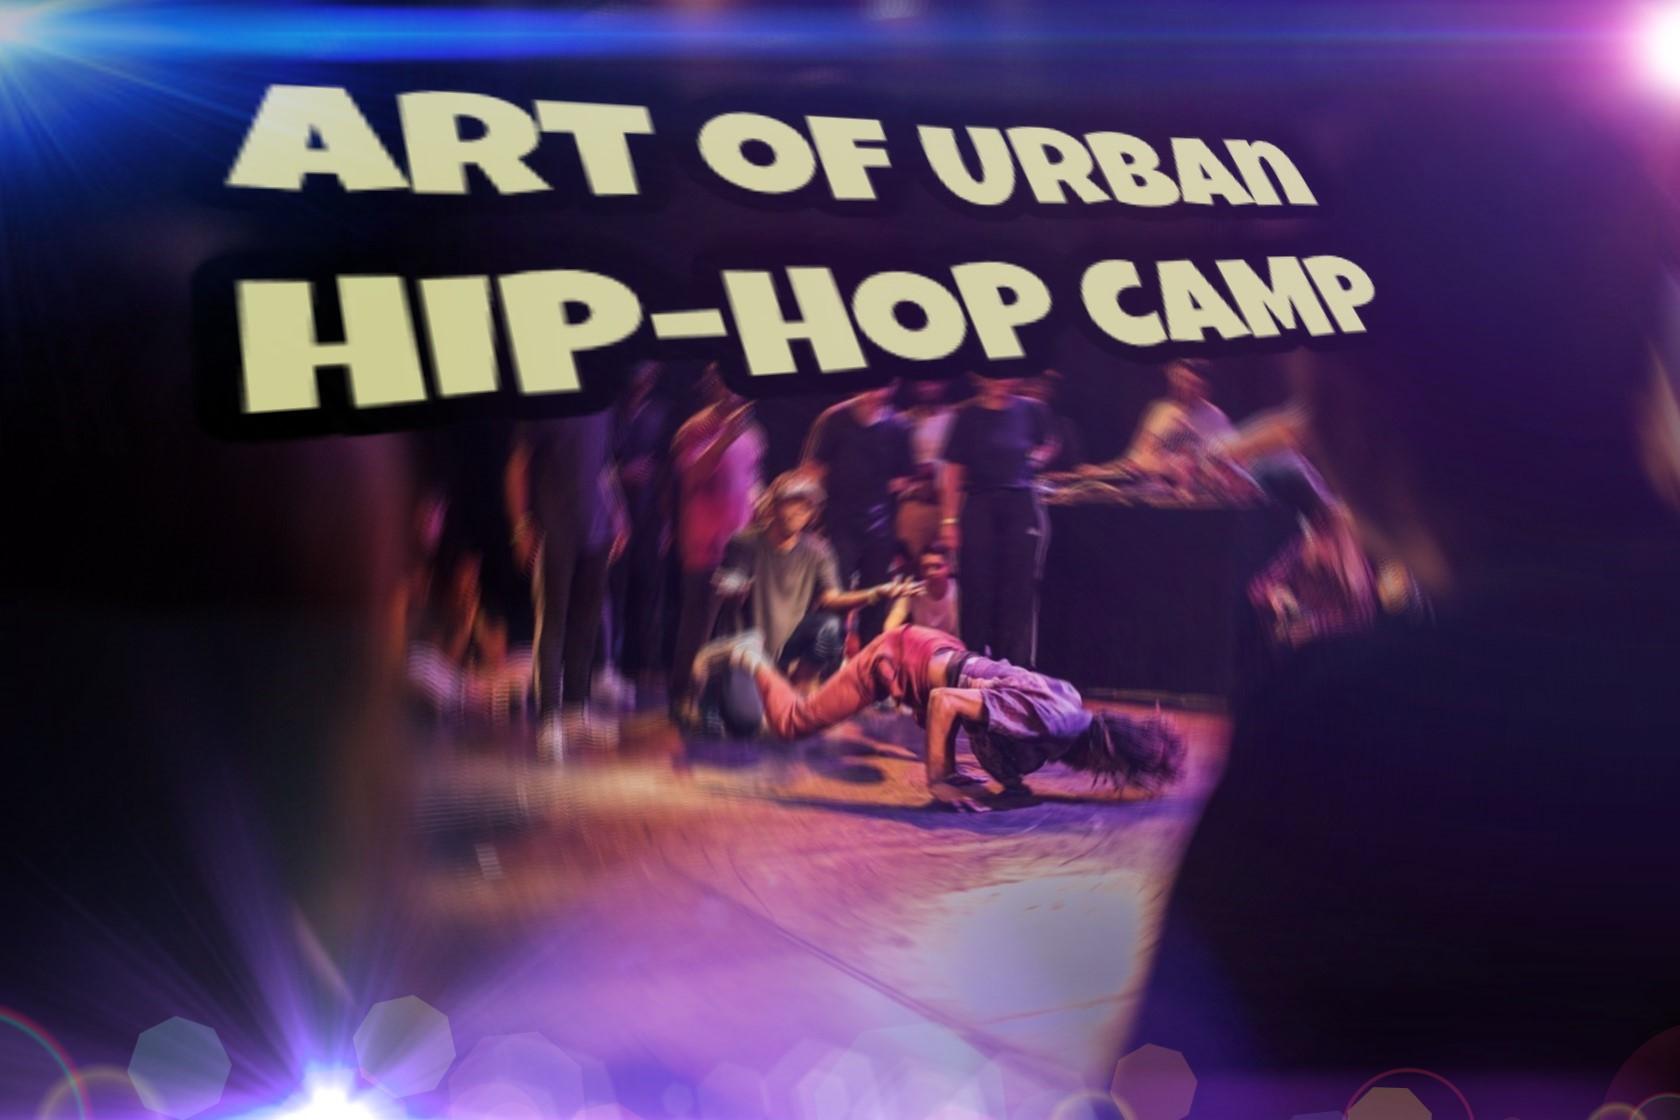 Art of Urban – HipHop Camp